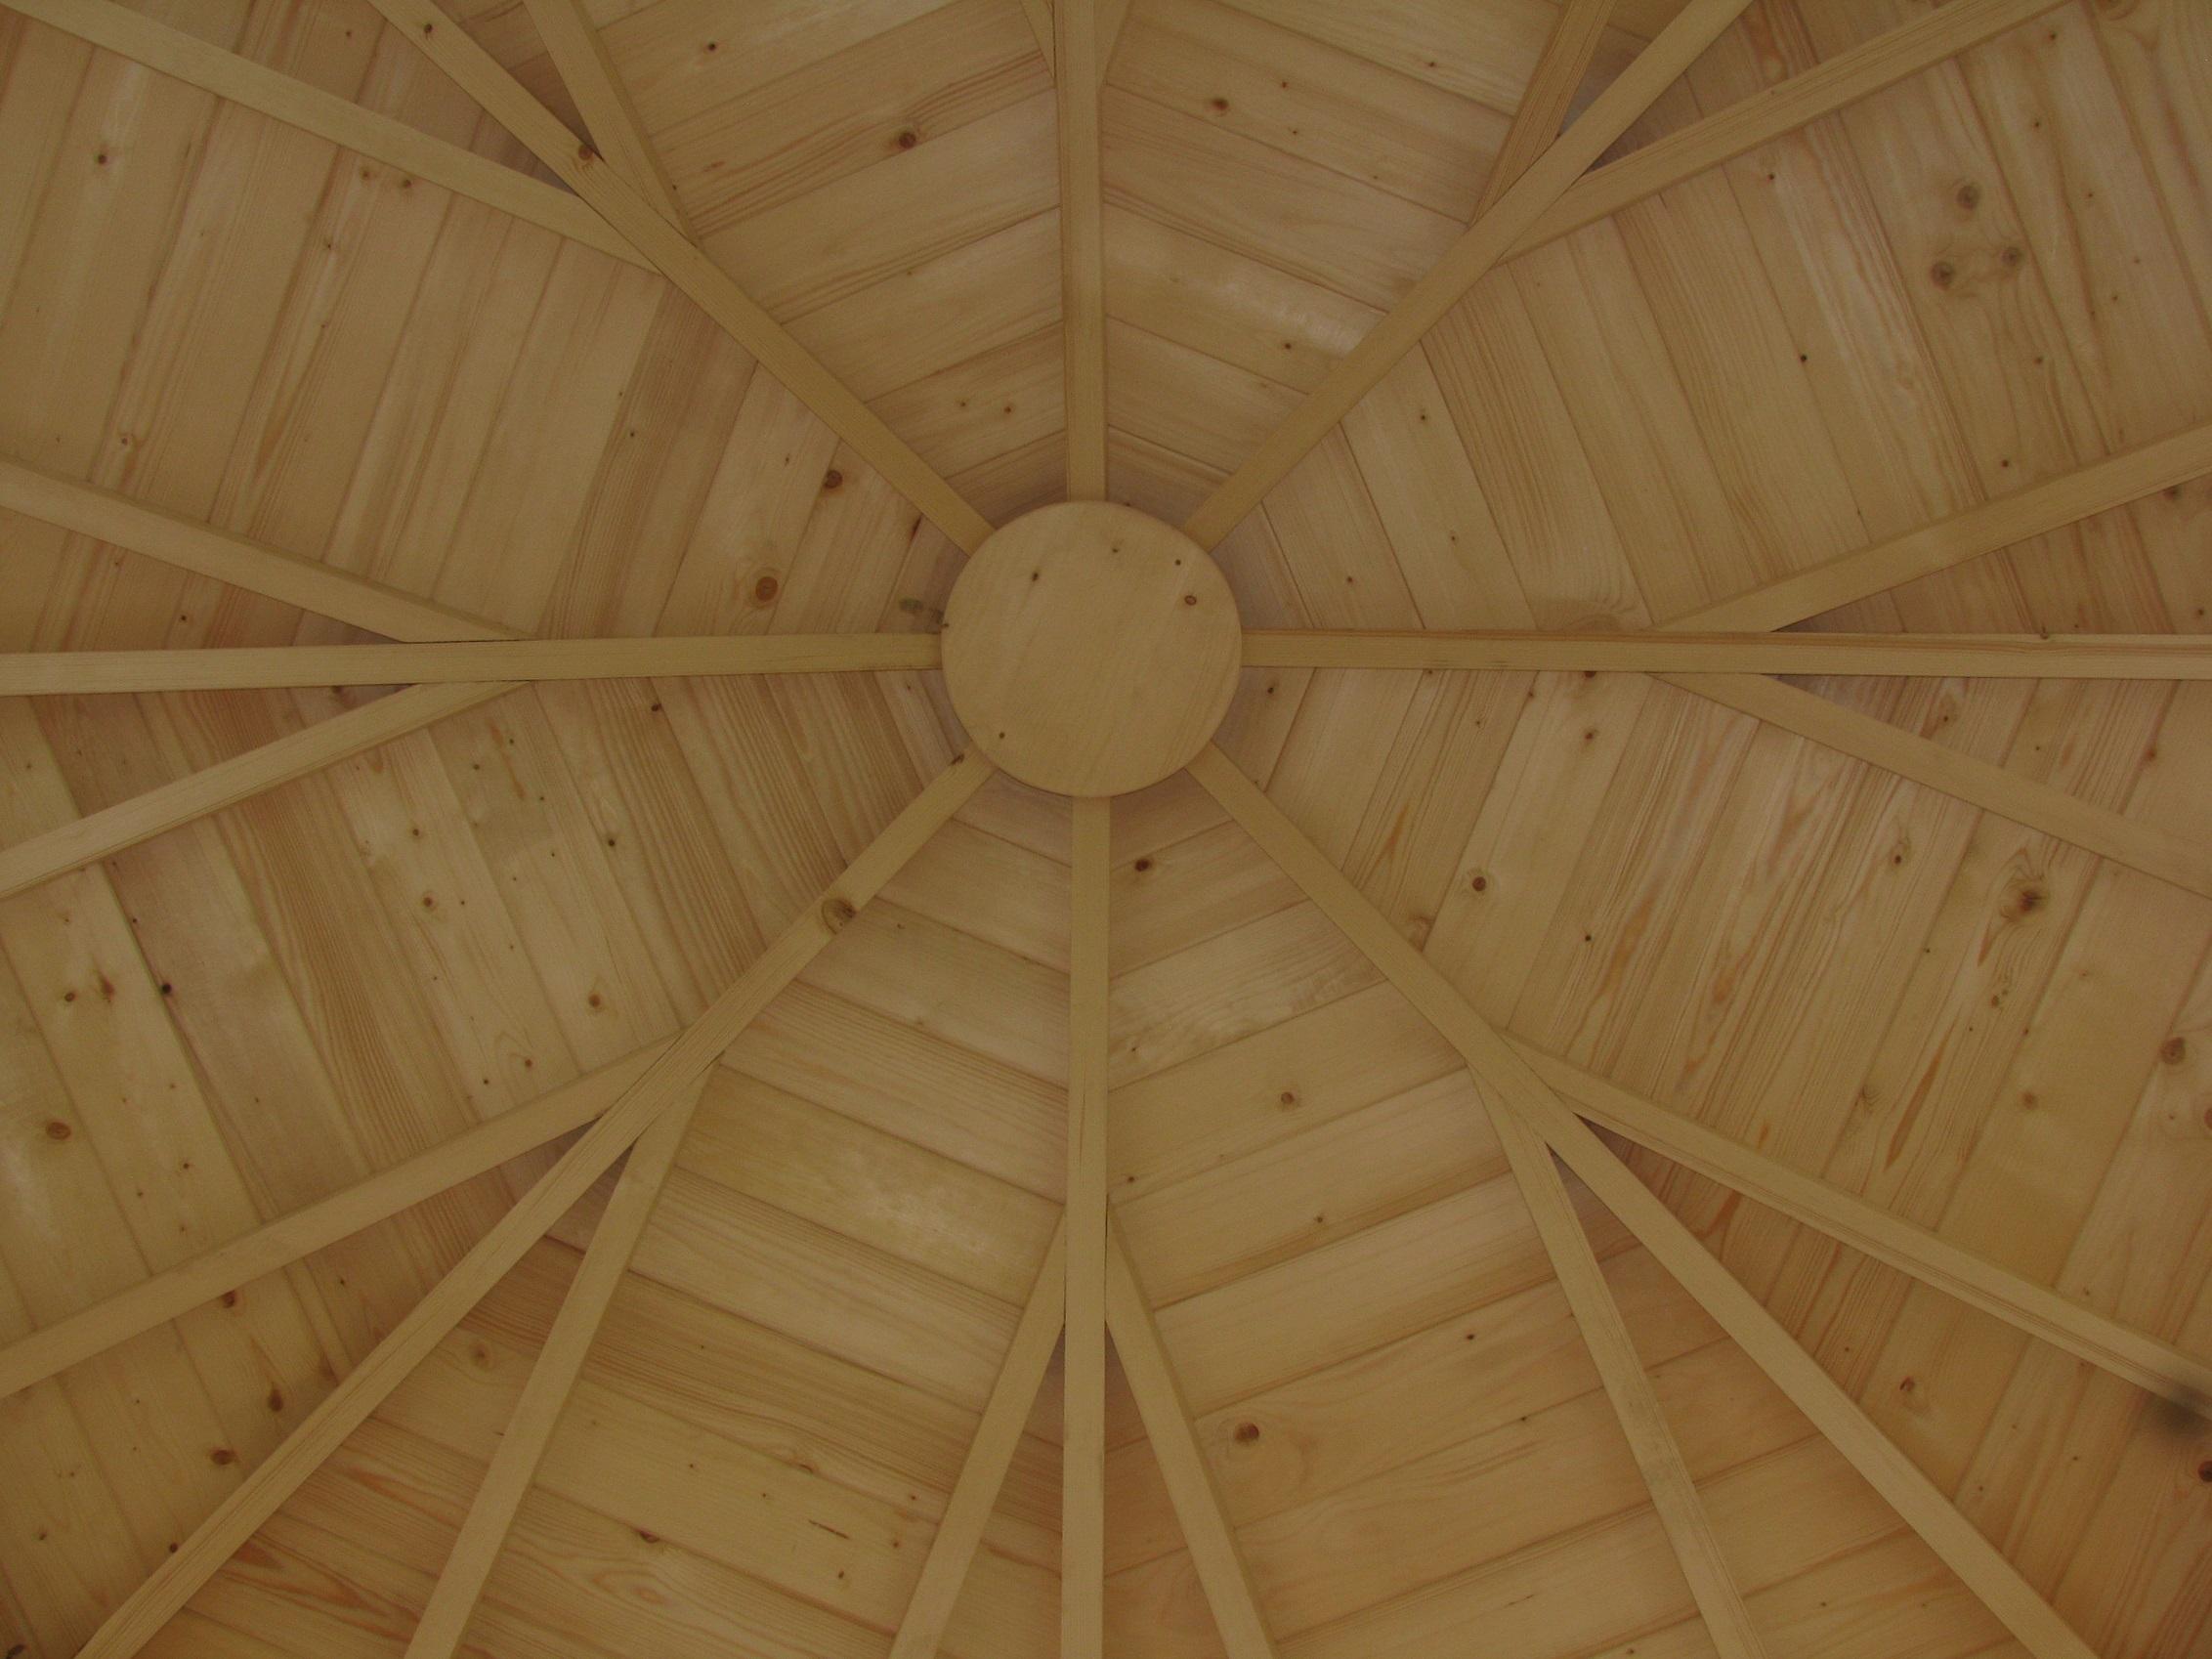 Plan charpente bois hexagonale obtenez des - Architecture du bois ...